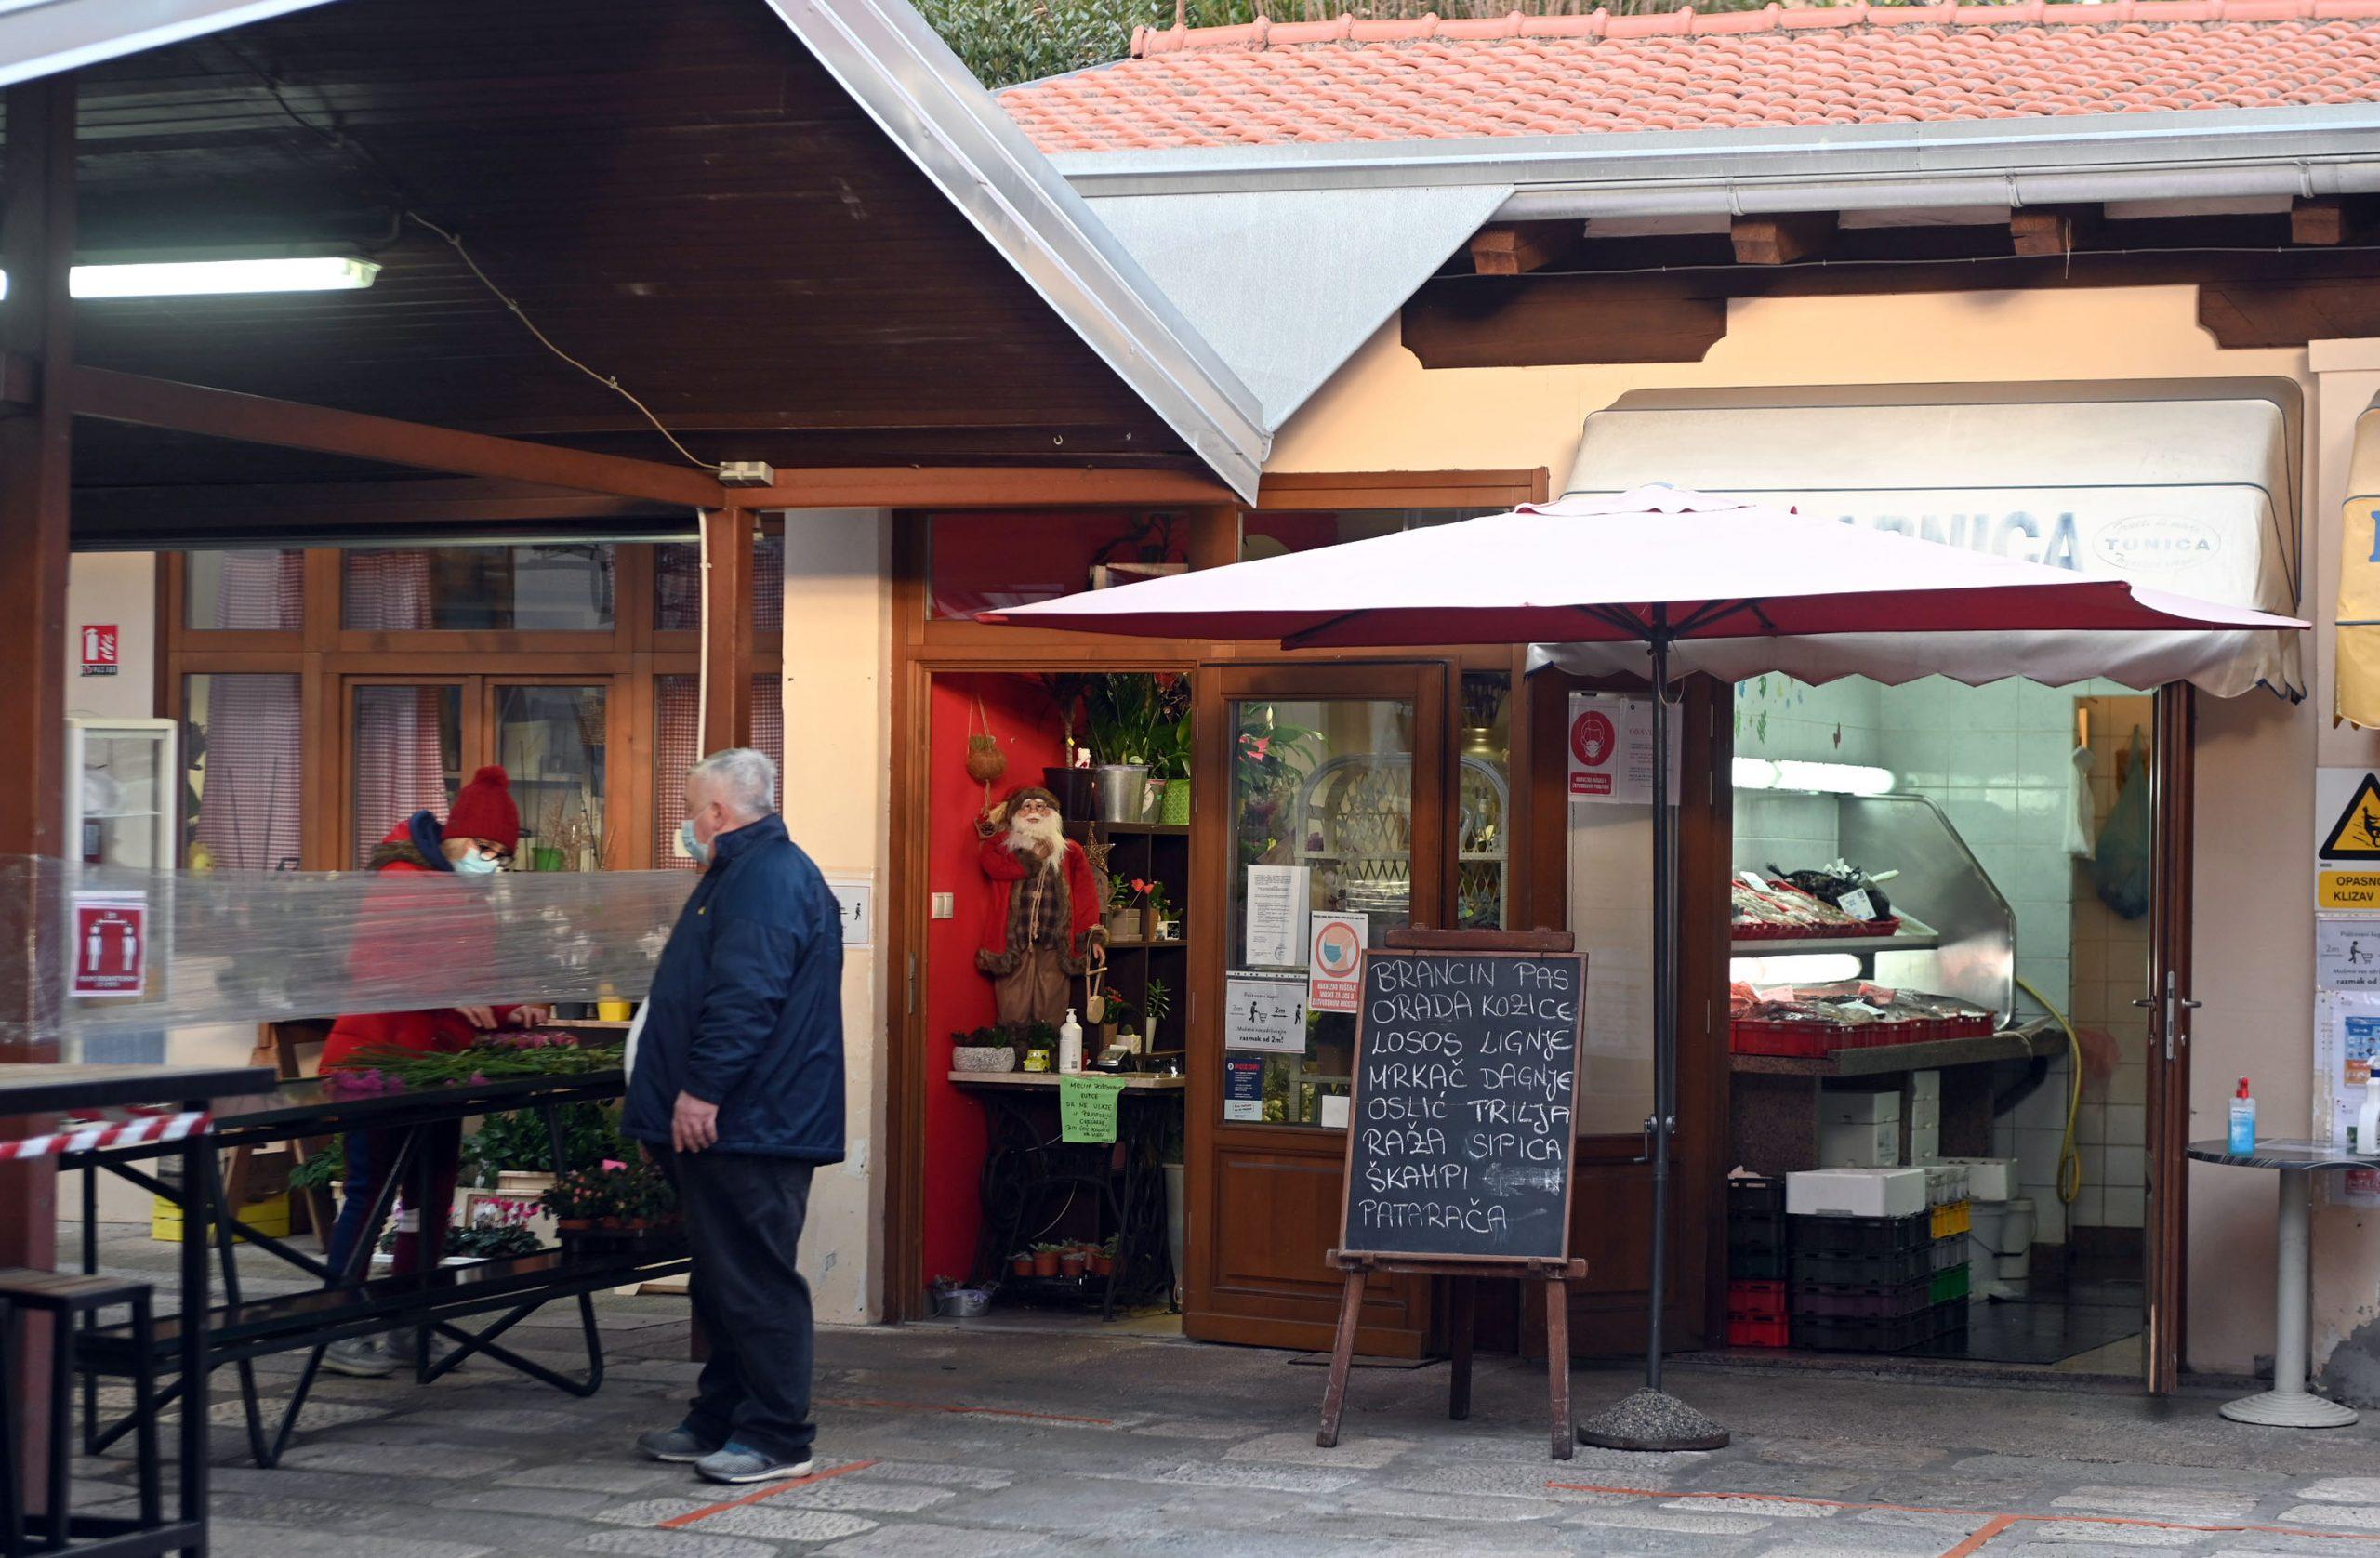 Lovranska općinska tvrtka Stubica među ostalim upravlja tržnicom u Lovranu / foto V. KARUZA